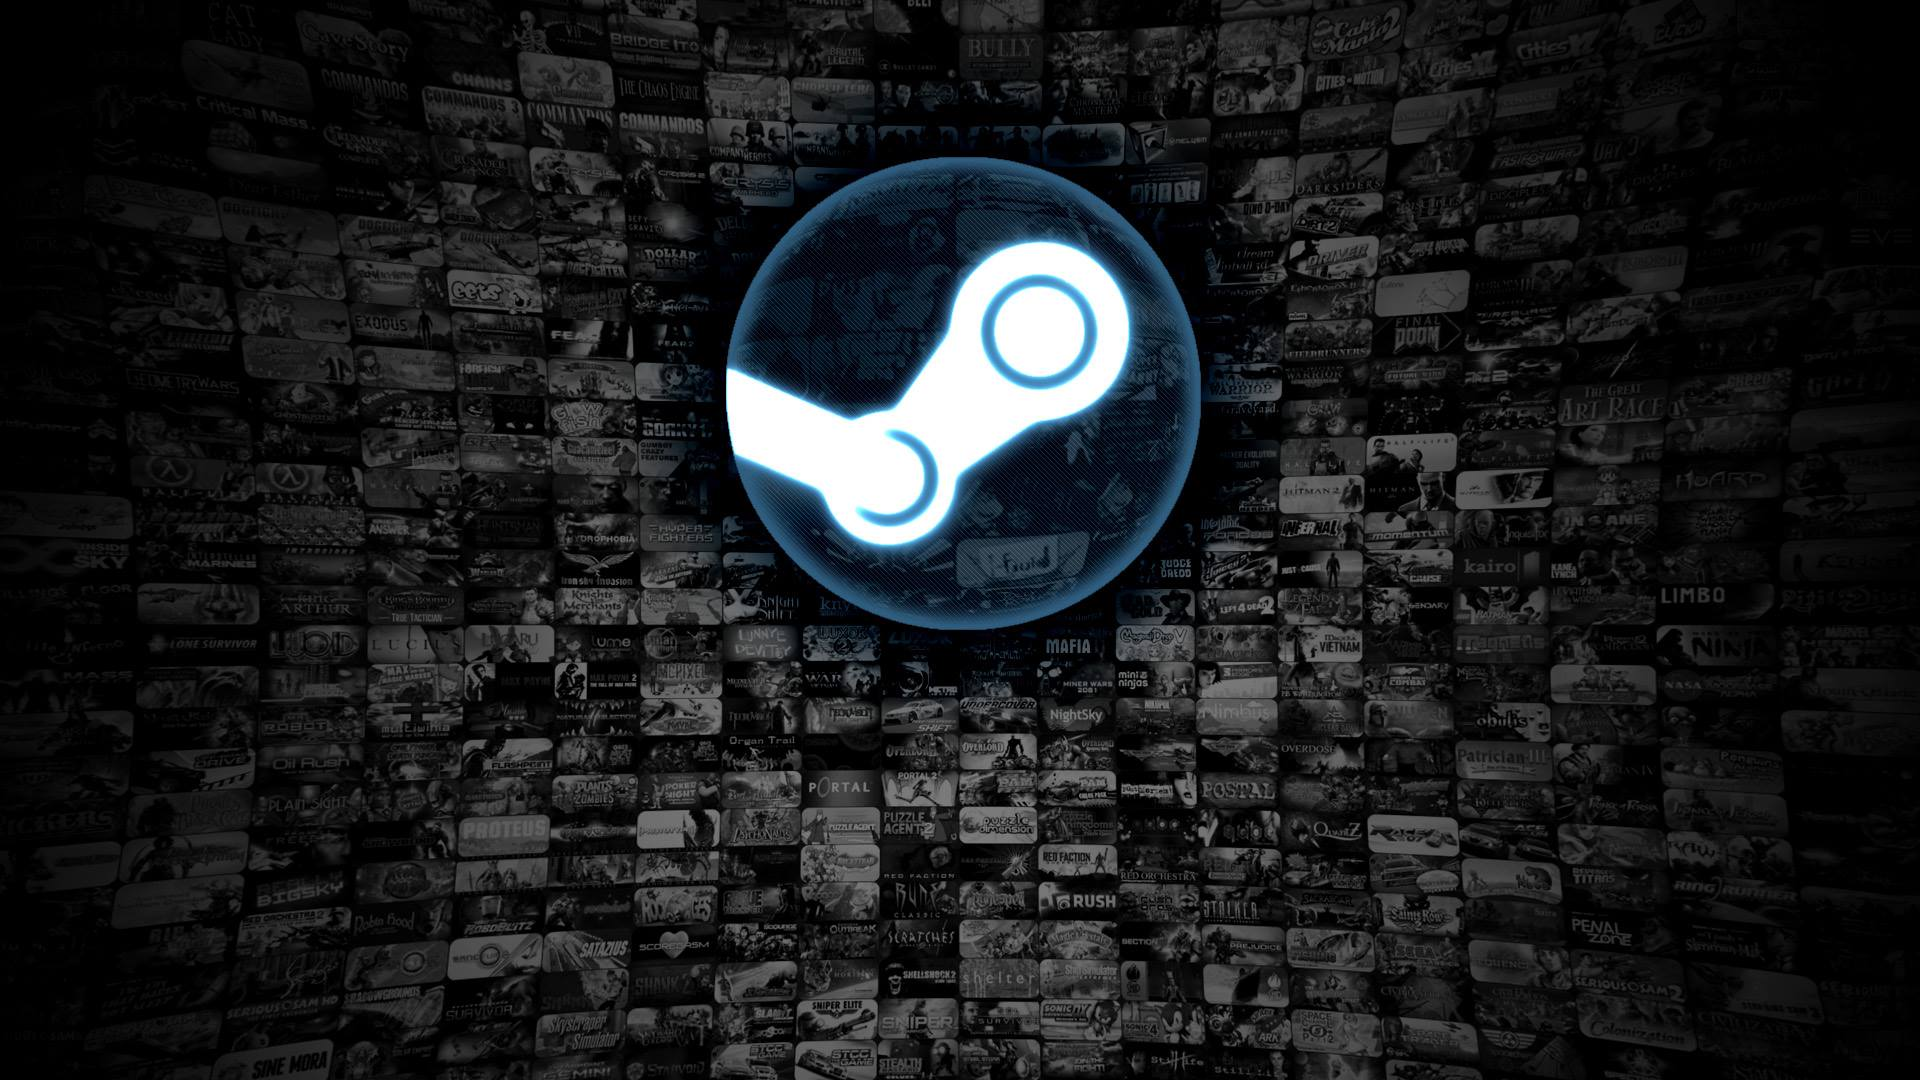 Le logo de Steam, le service de Valve